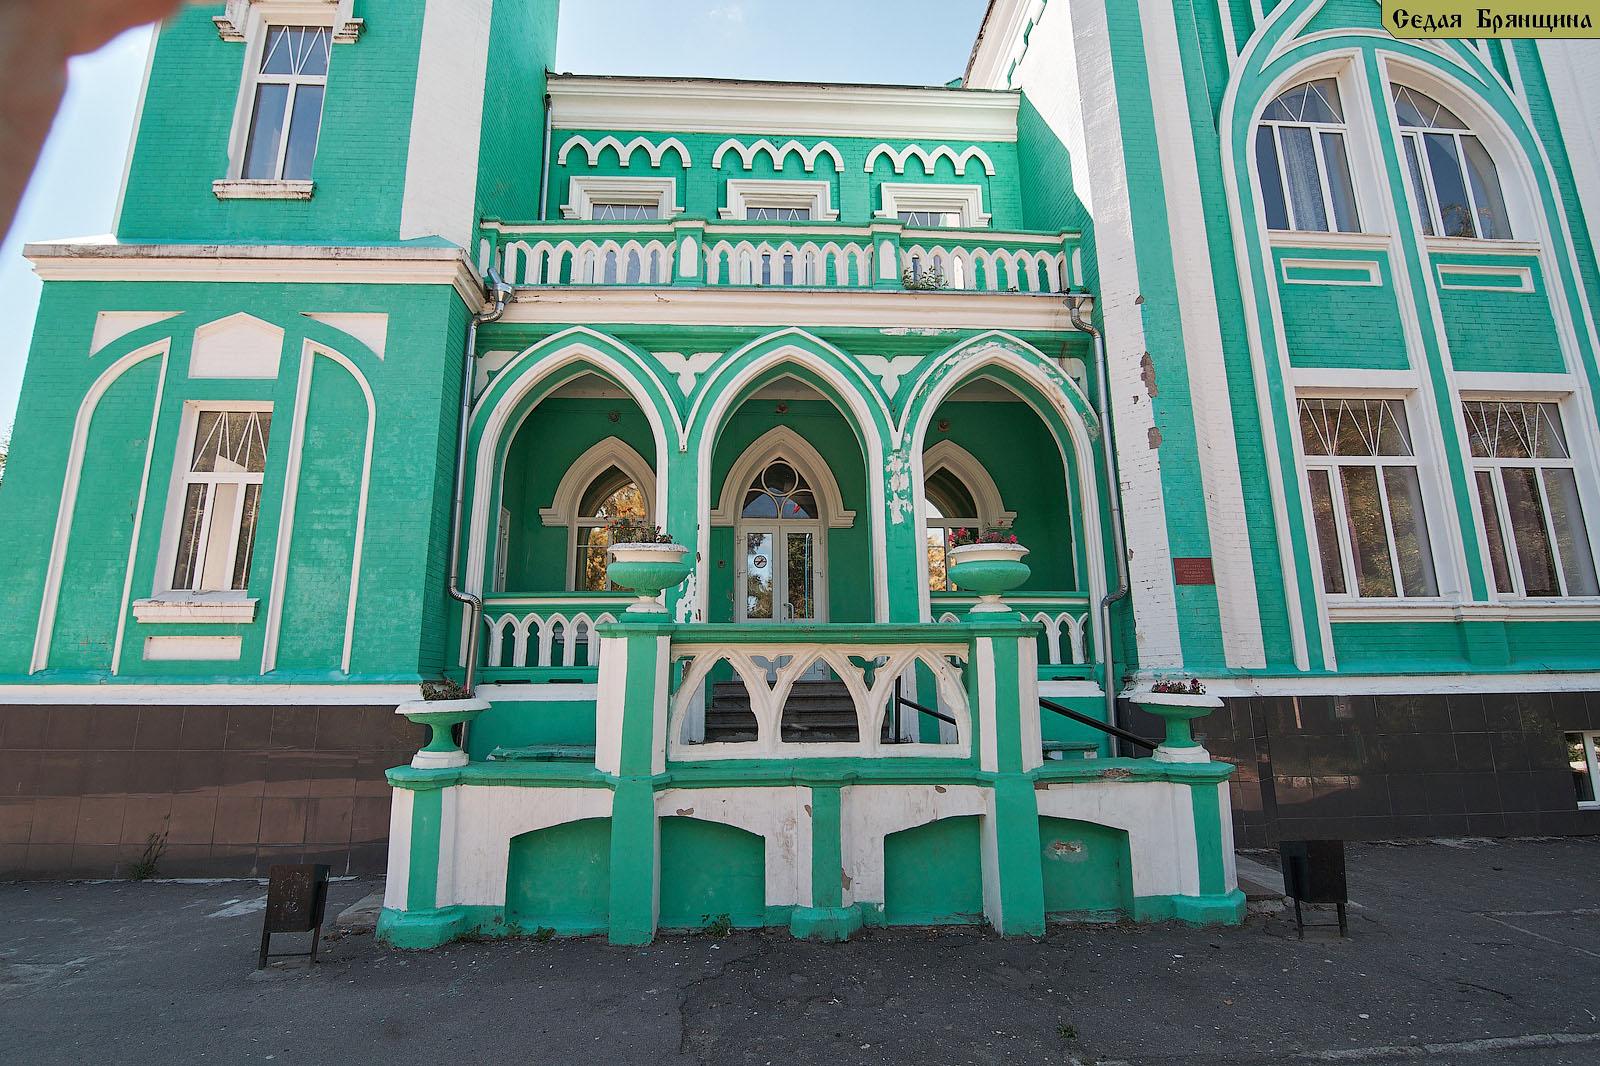 Вьюнка. Усадьба Сапожкова